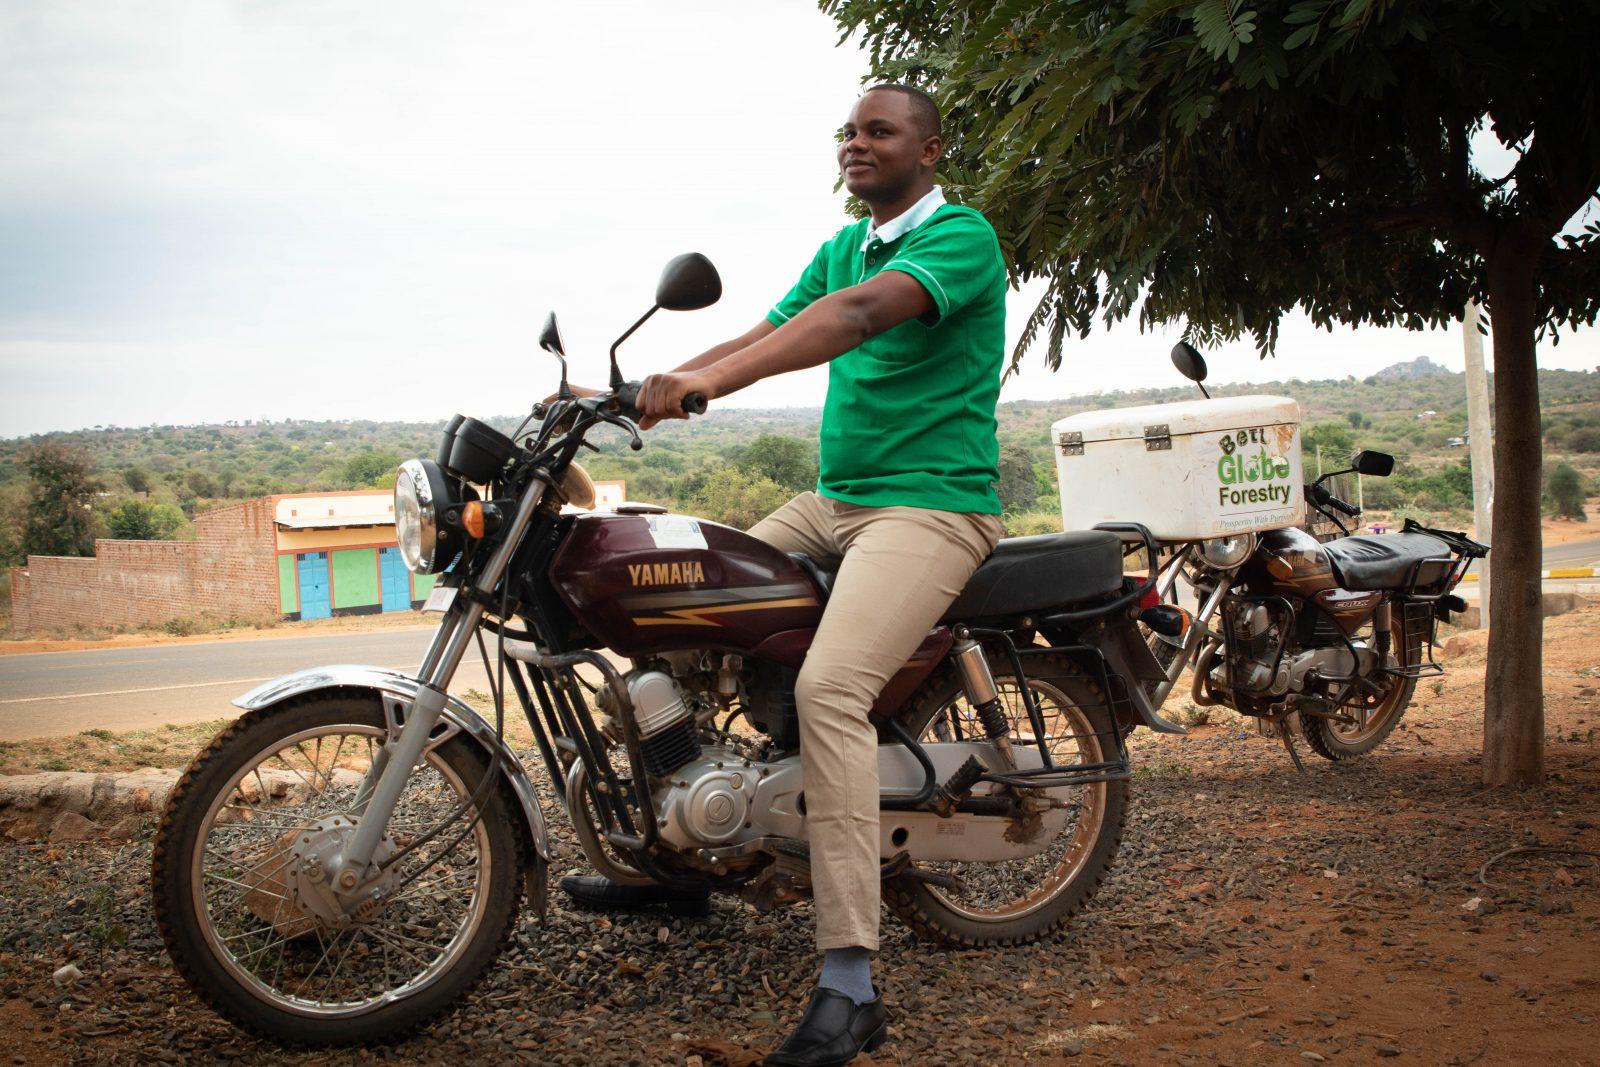 Ambrose Musango, universitetsutbildad skogsmästare som är ansvarig för partnerbönderna i 7Forks-området på sin motorcykel.